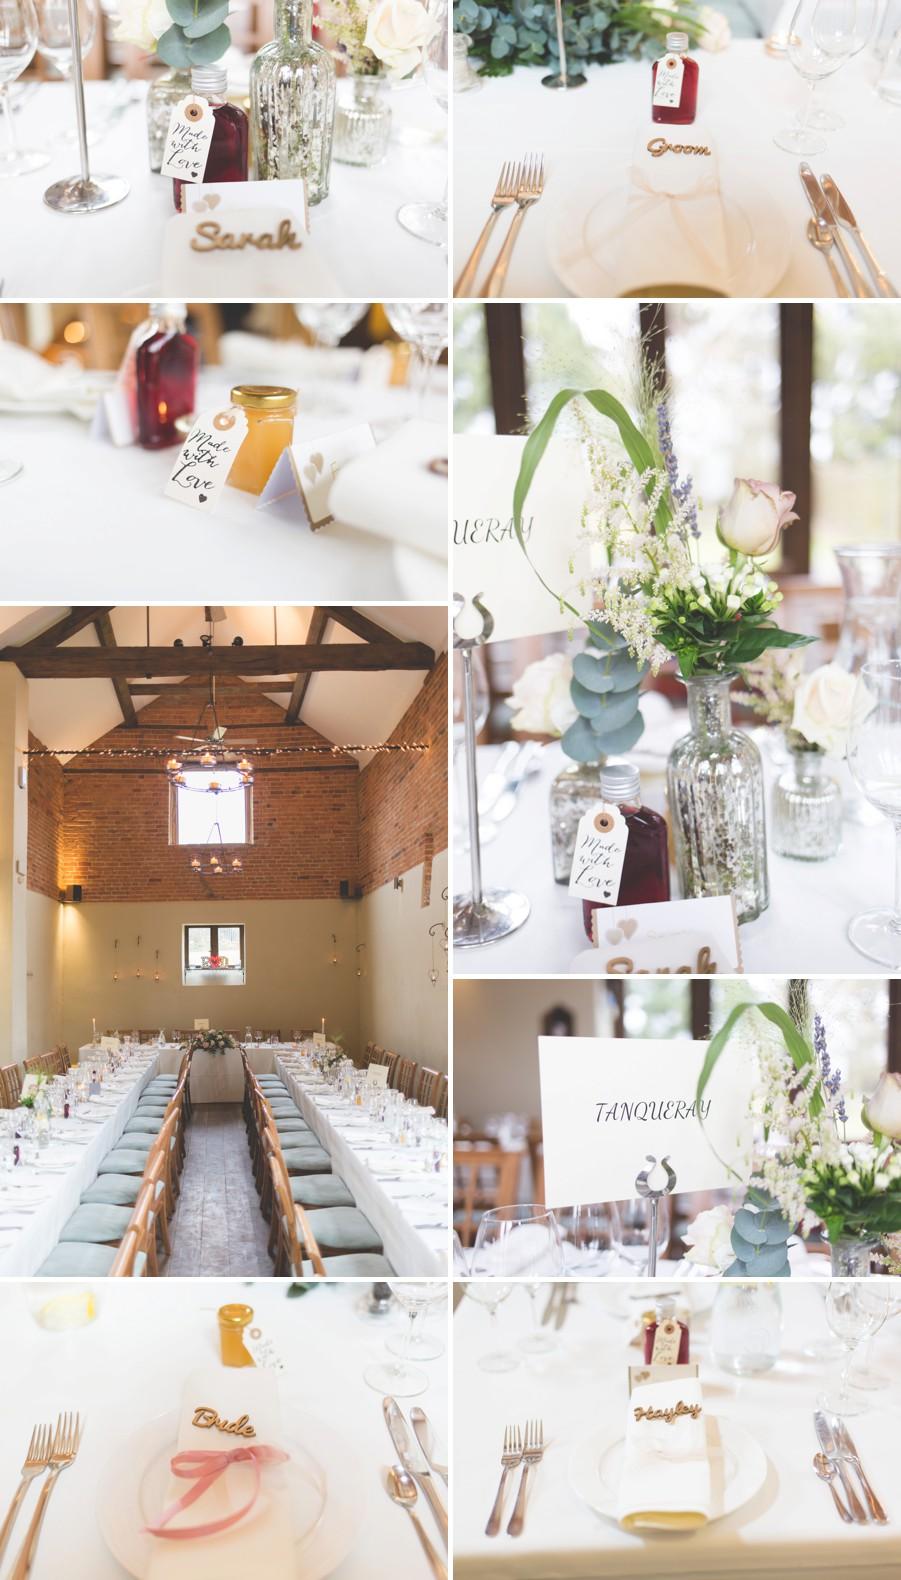 dodmoor-house-wedding-photographers-2016